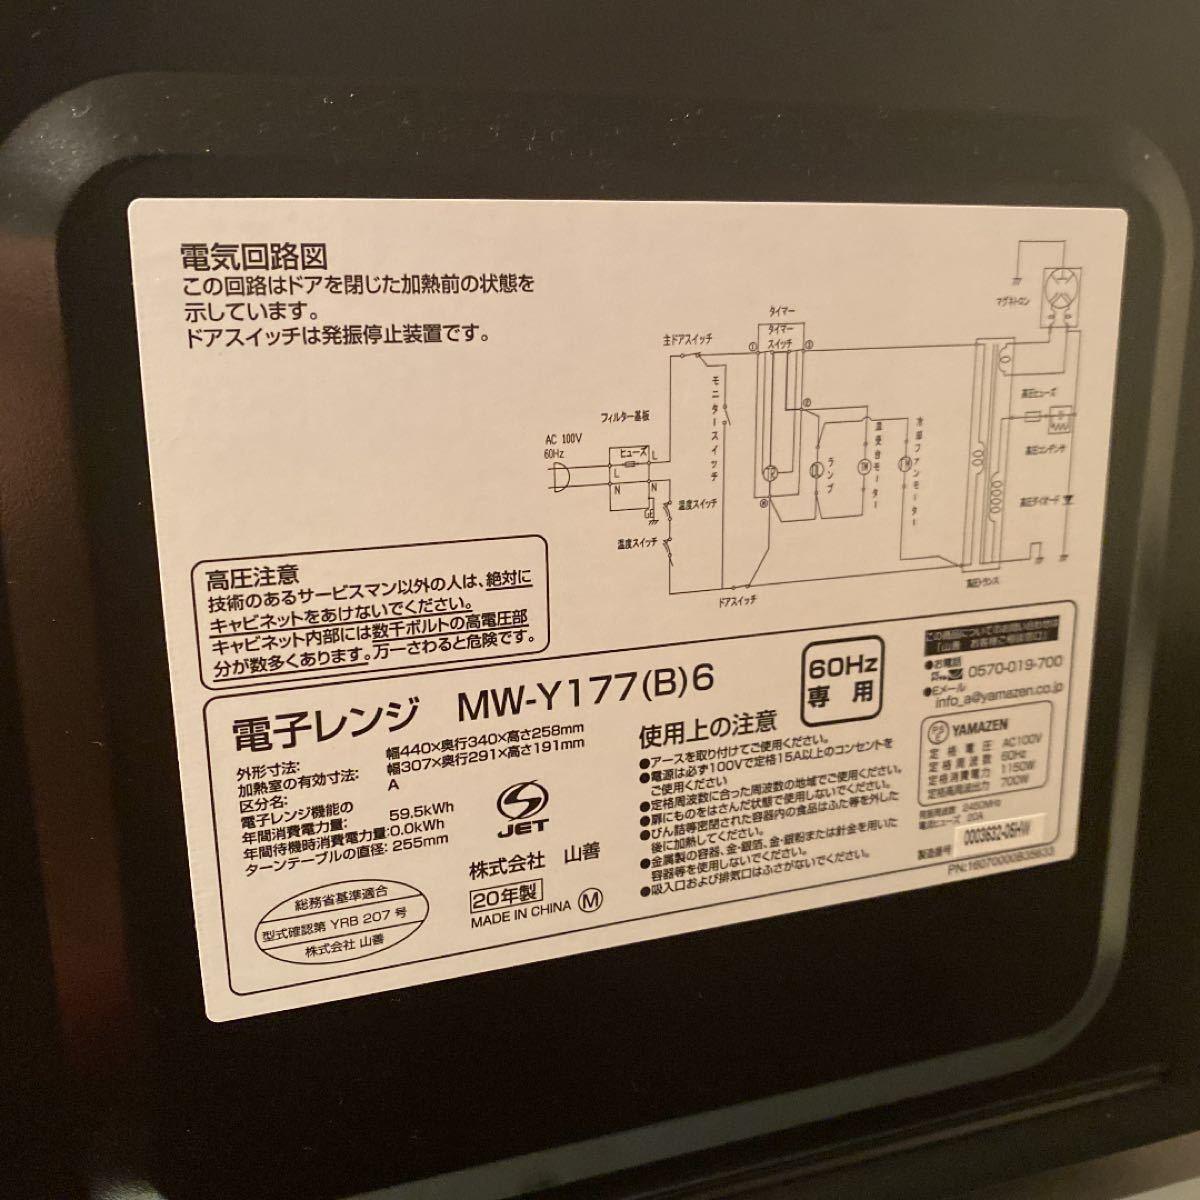 ヤマゼン電子レンジ西日本地域用 購入1年未満